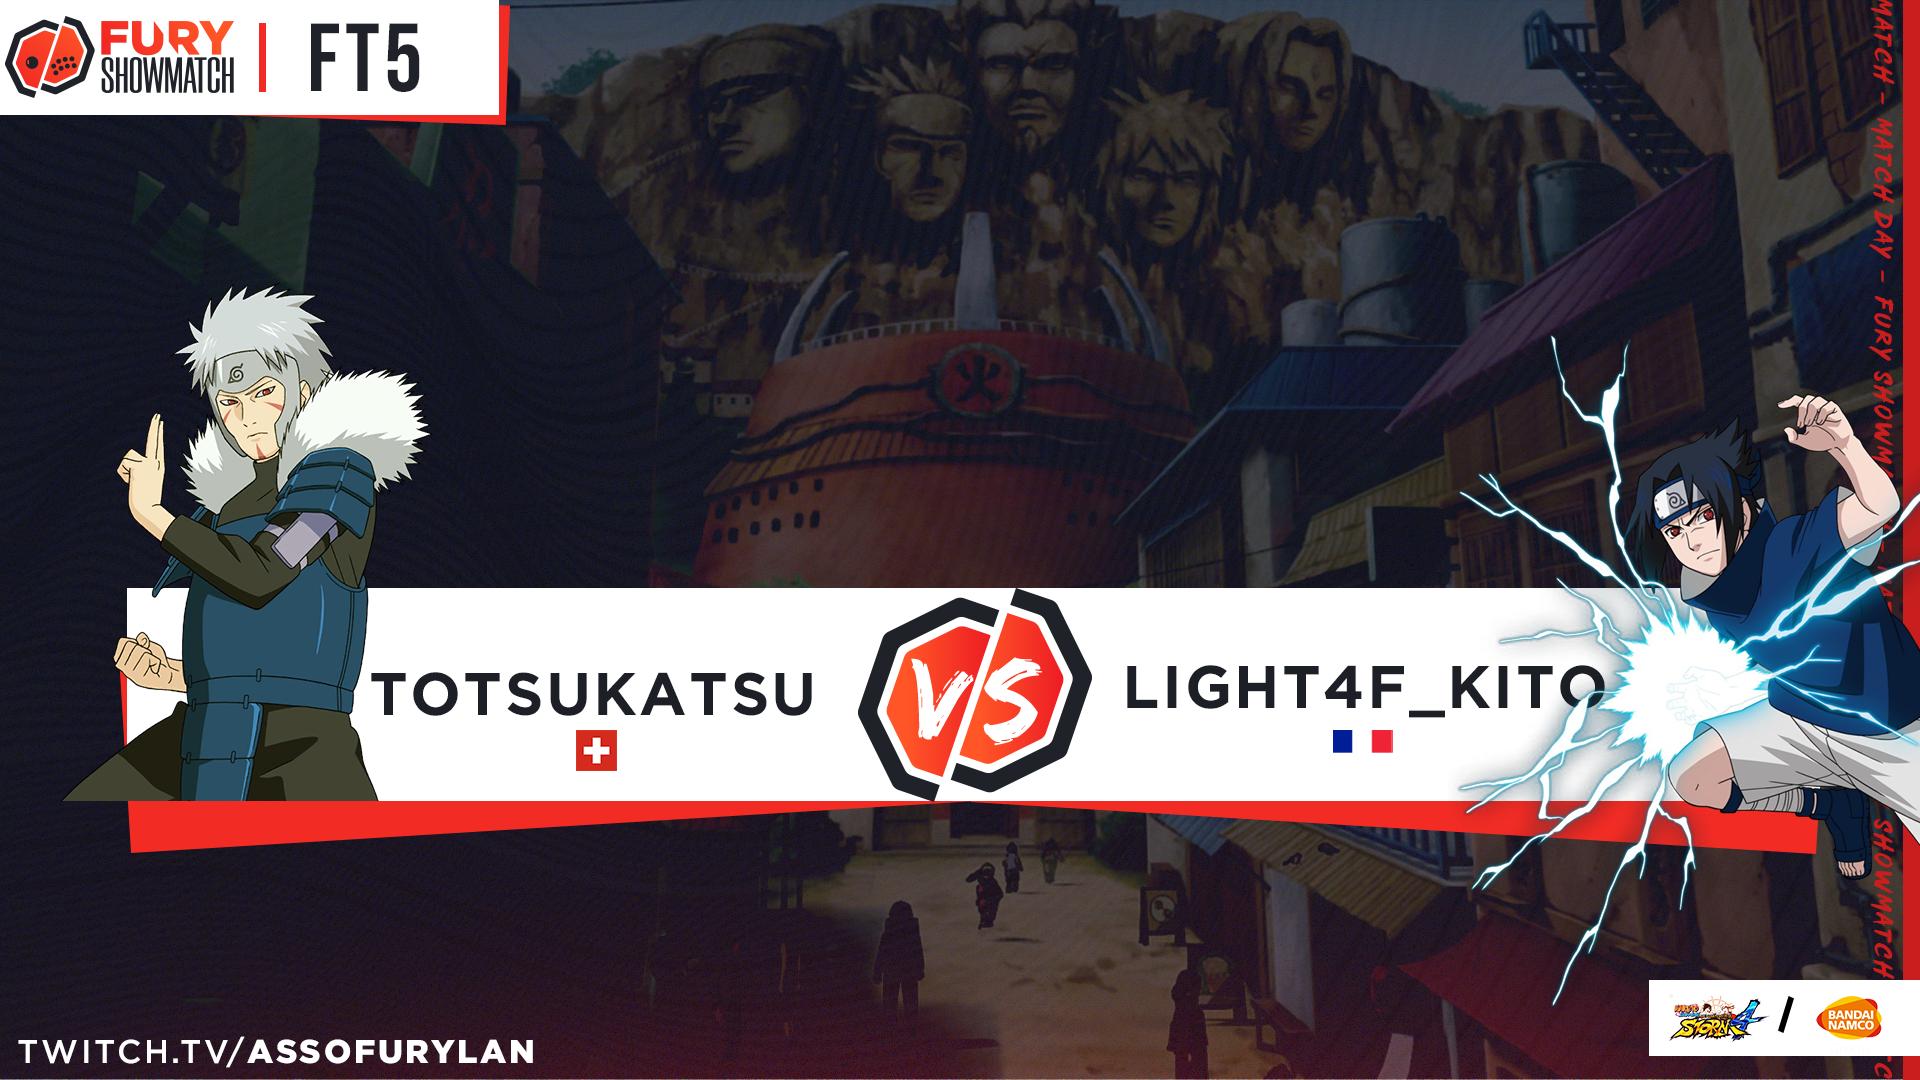 TOTSUKATSU vs KITO